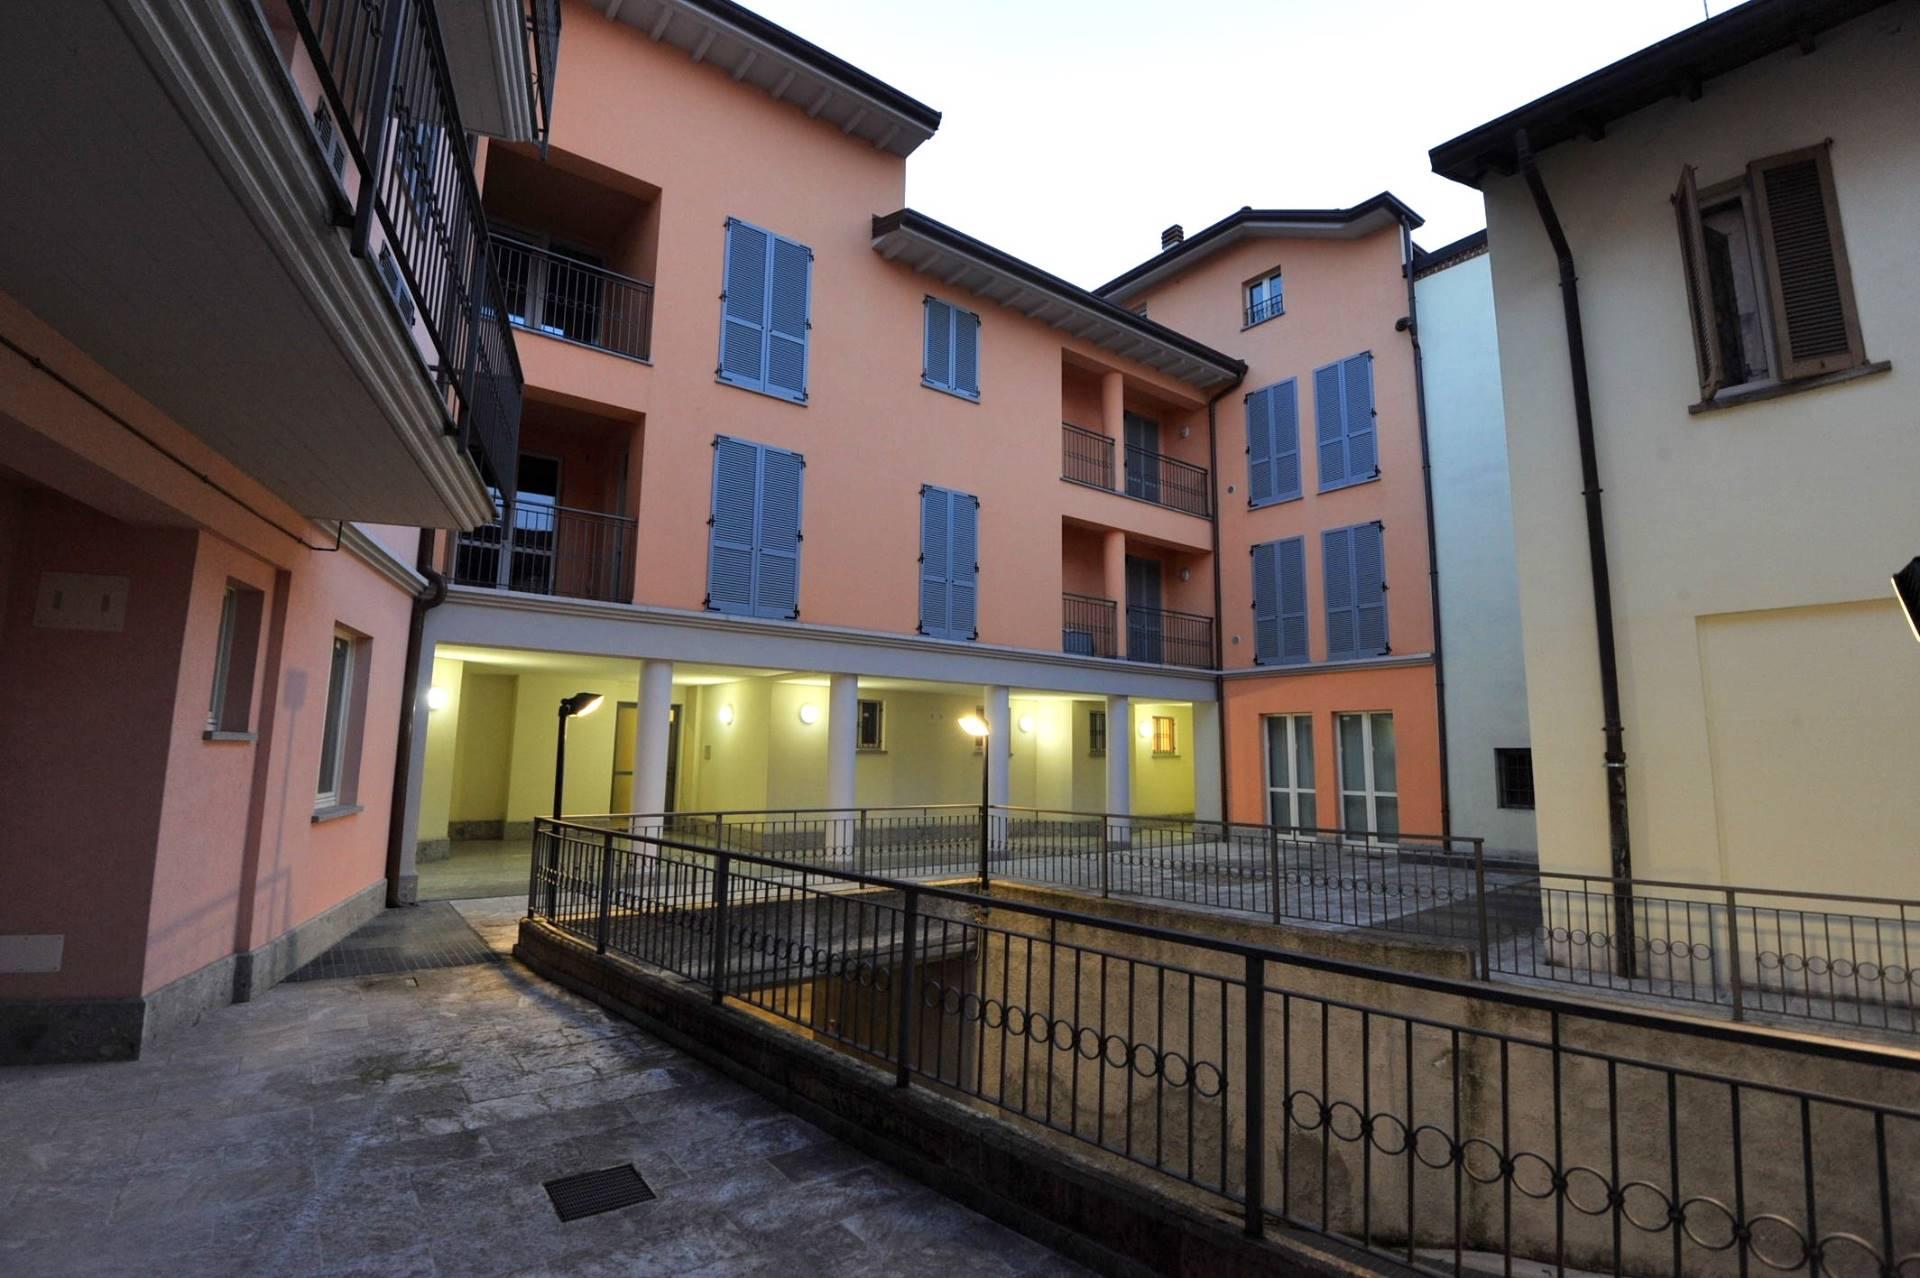 Attico / Mansarda in vendita a Saronno, 4 locali, zona Zona: Centro, Trattative riservate | Cambio Casa.it